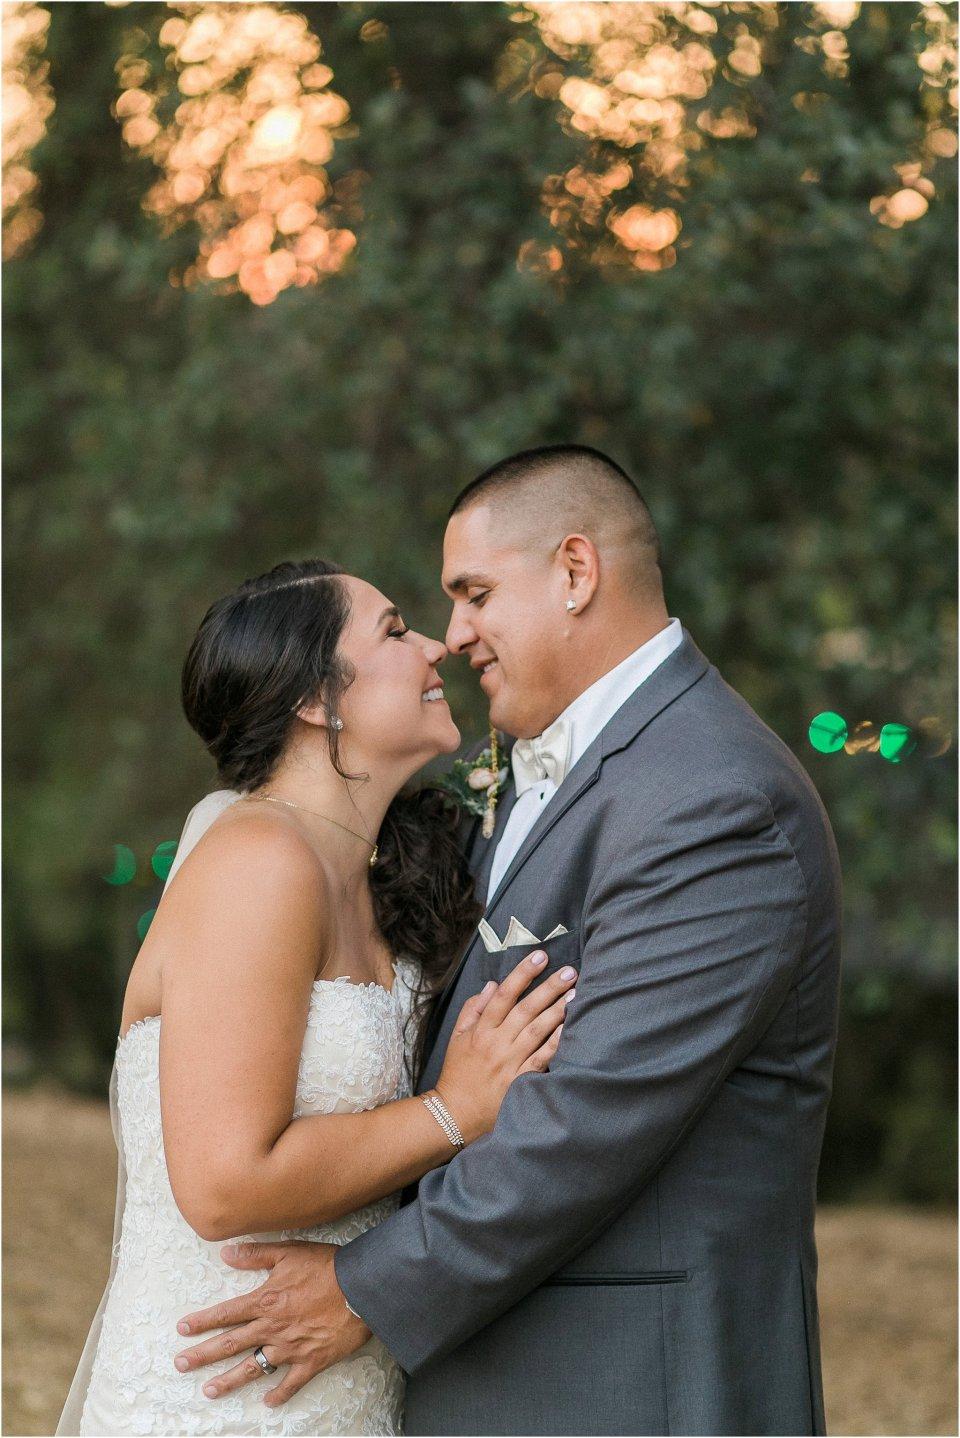 Rubidia C Photography Oakland Bay Area Walnut Creek Bay Area oakland SF Wedding Photographer CA_0089.jpg